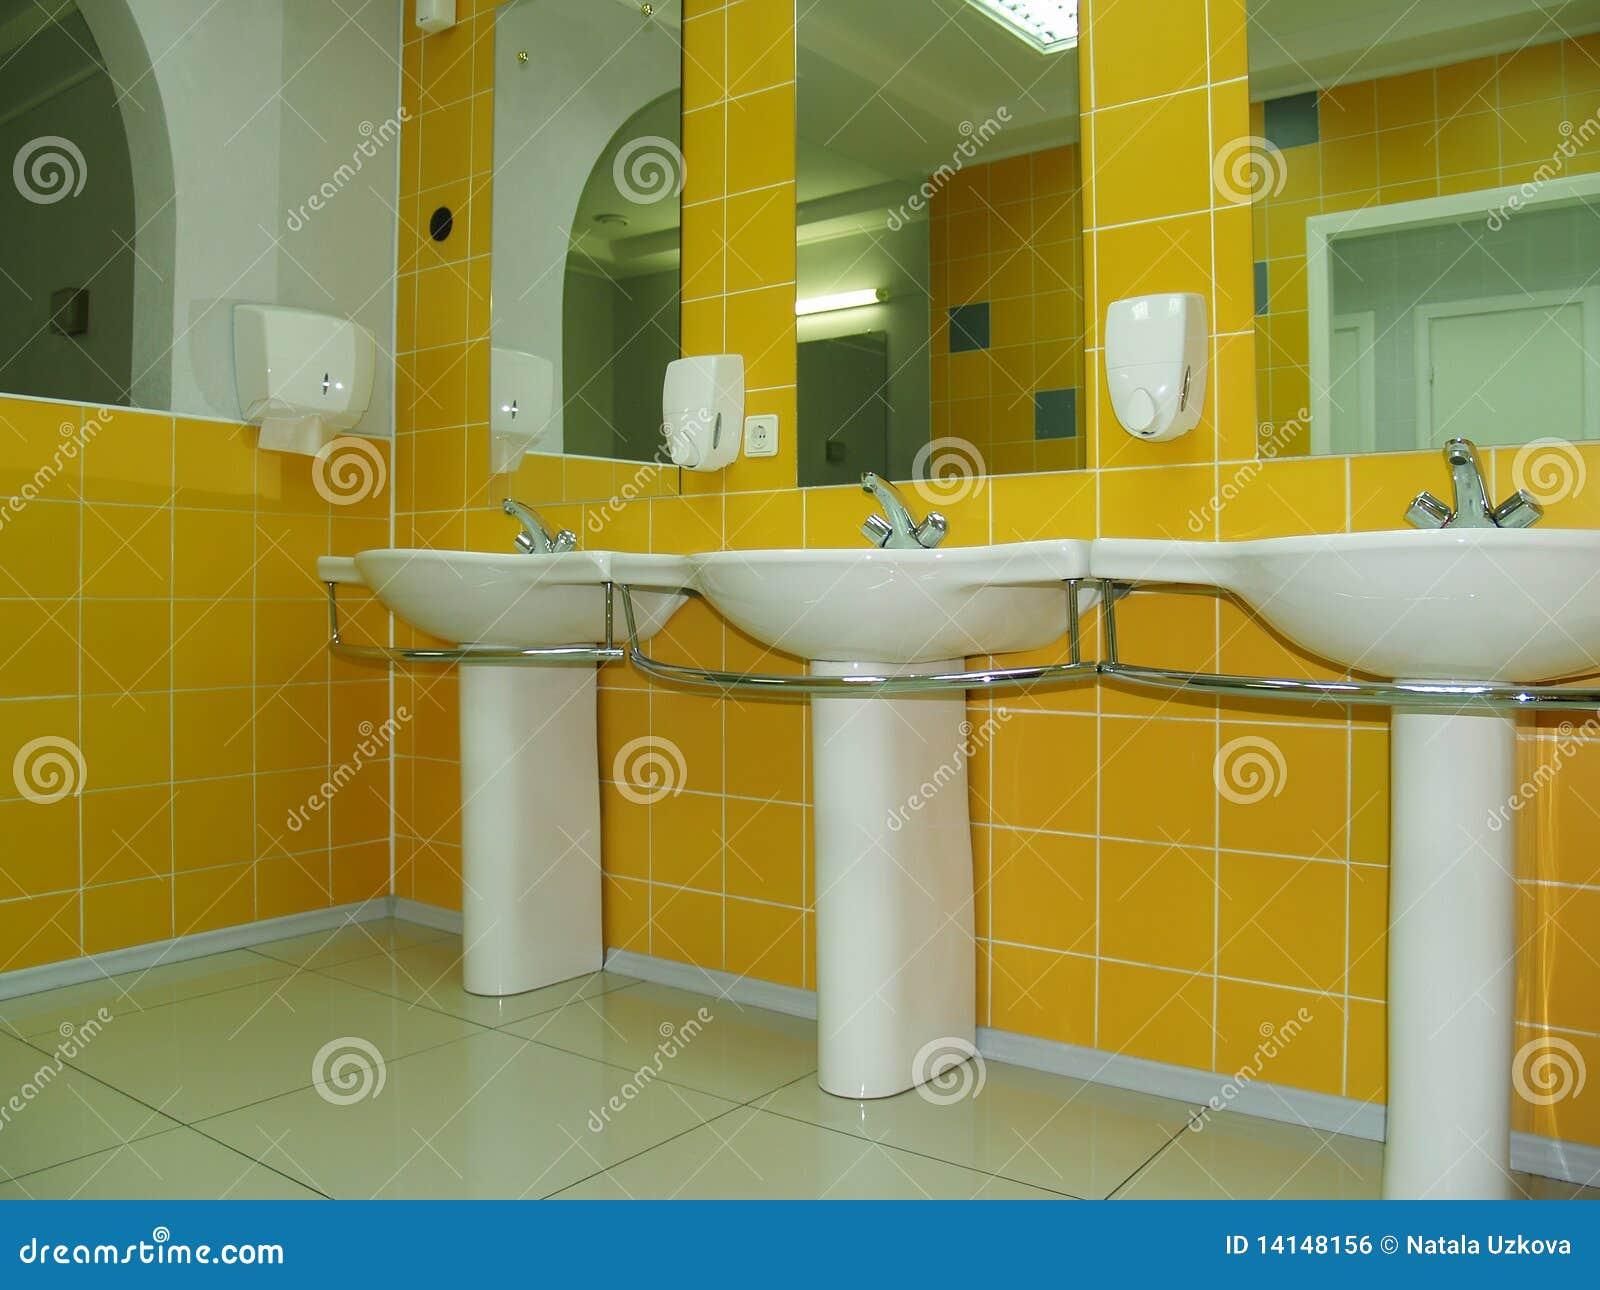 Hacer Del Baño Moco Amarillo:Yellow Bathroom with Toilet